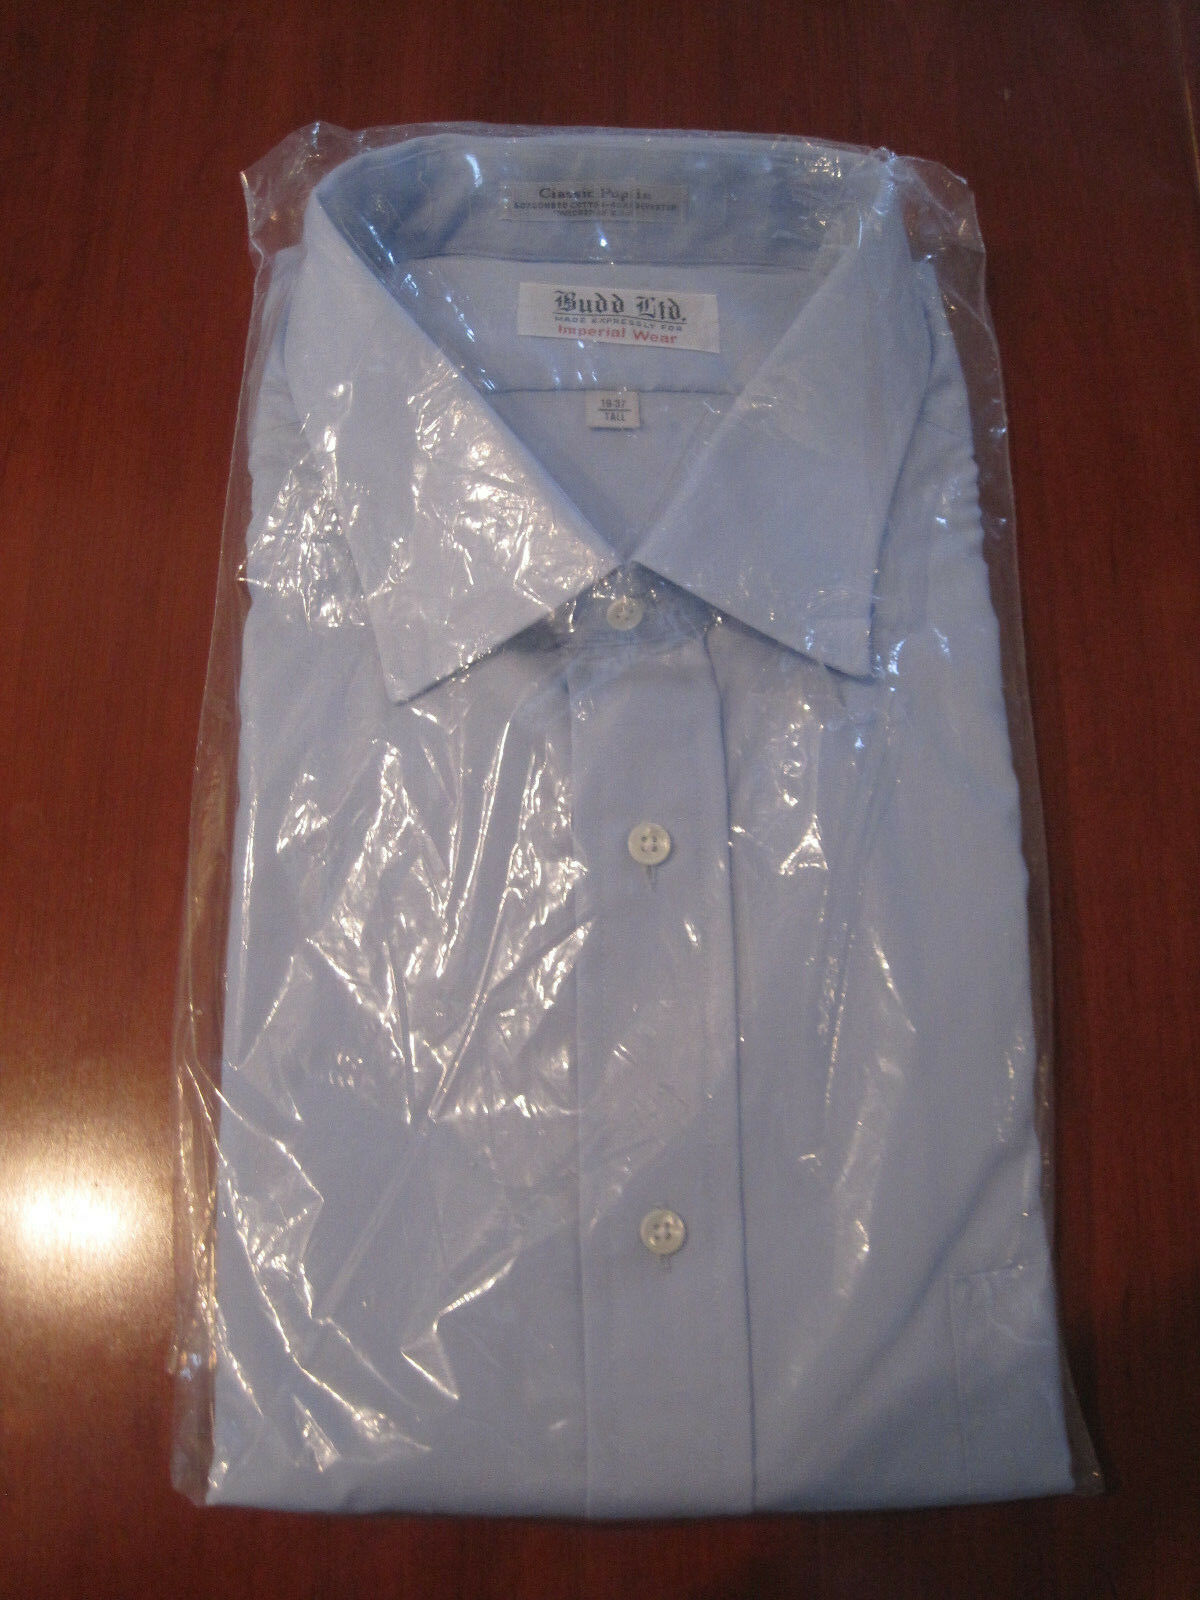 Budd LTD Imperial Wear Mens Shirt Button Up Lt bluee 19 37 Tall Long Sleeve NWT